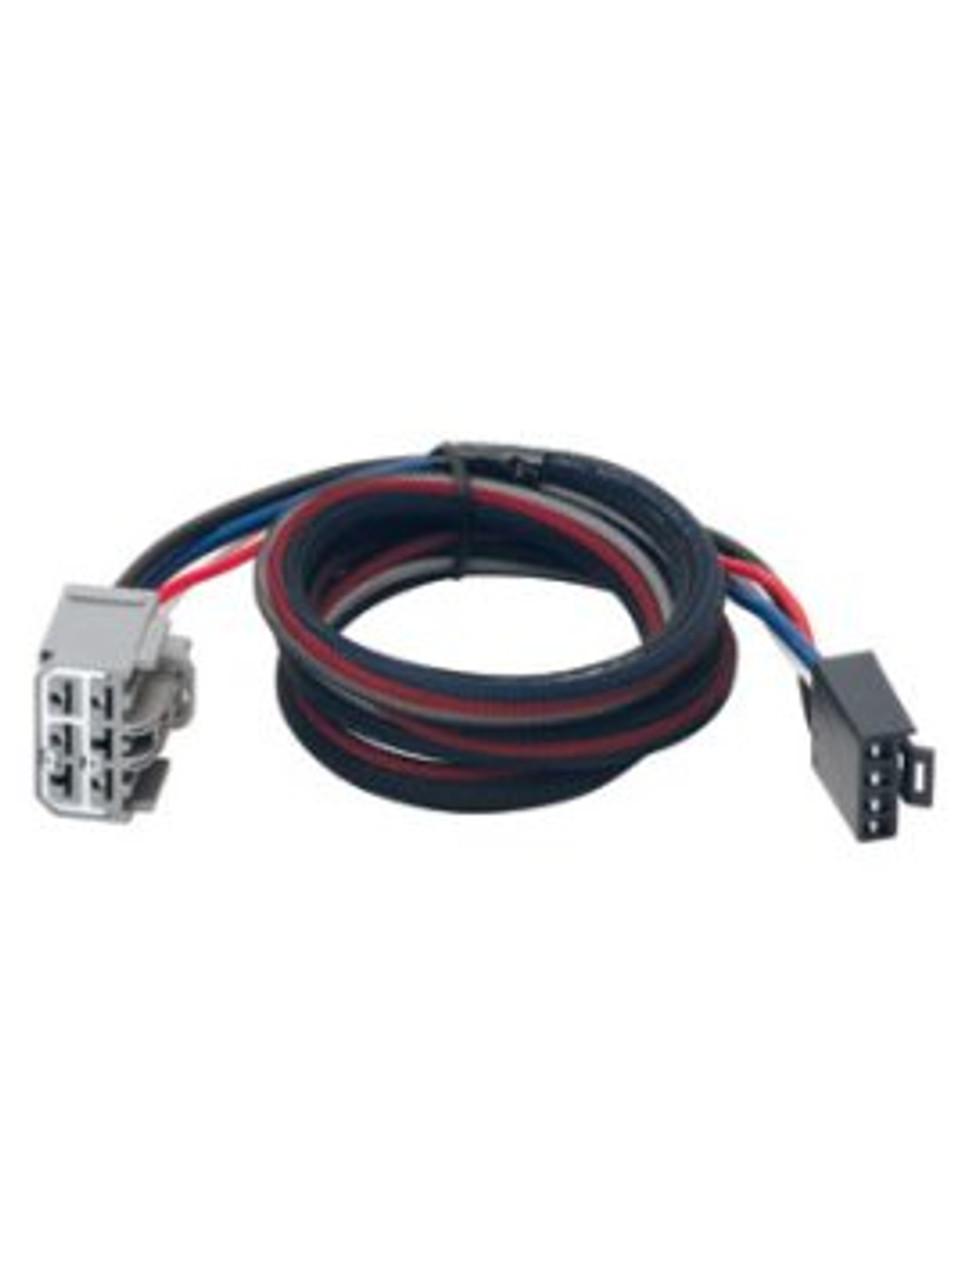 3026 --- Tekonsha & Draw-Tite Brake Control Dual Plug Wiring Harness